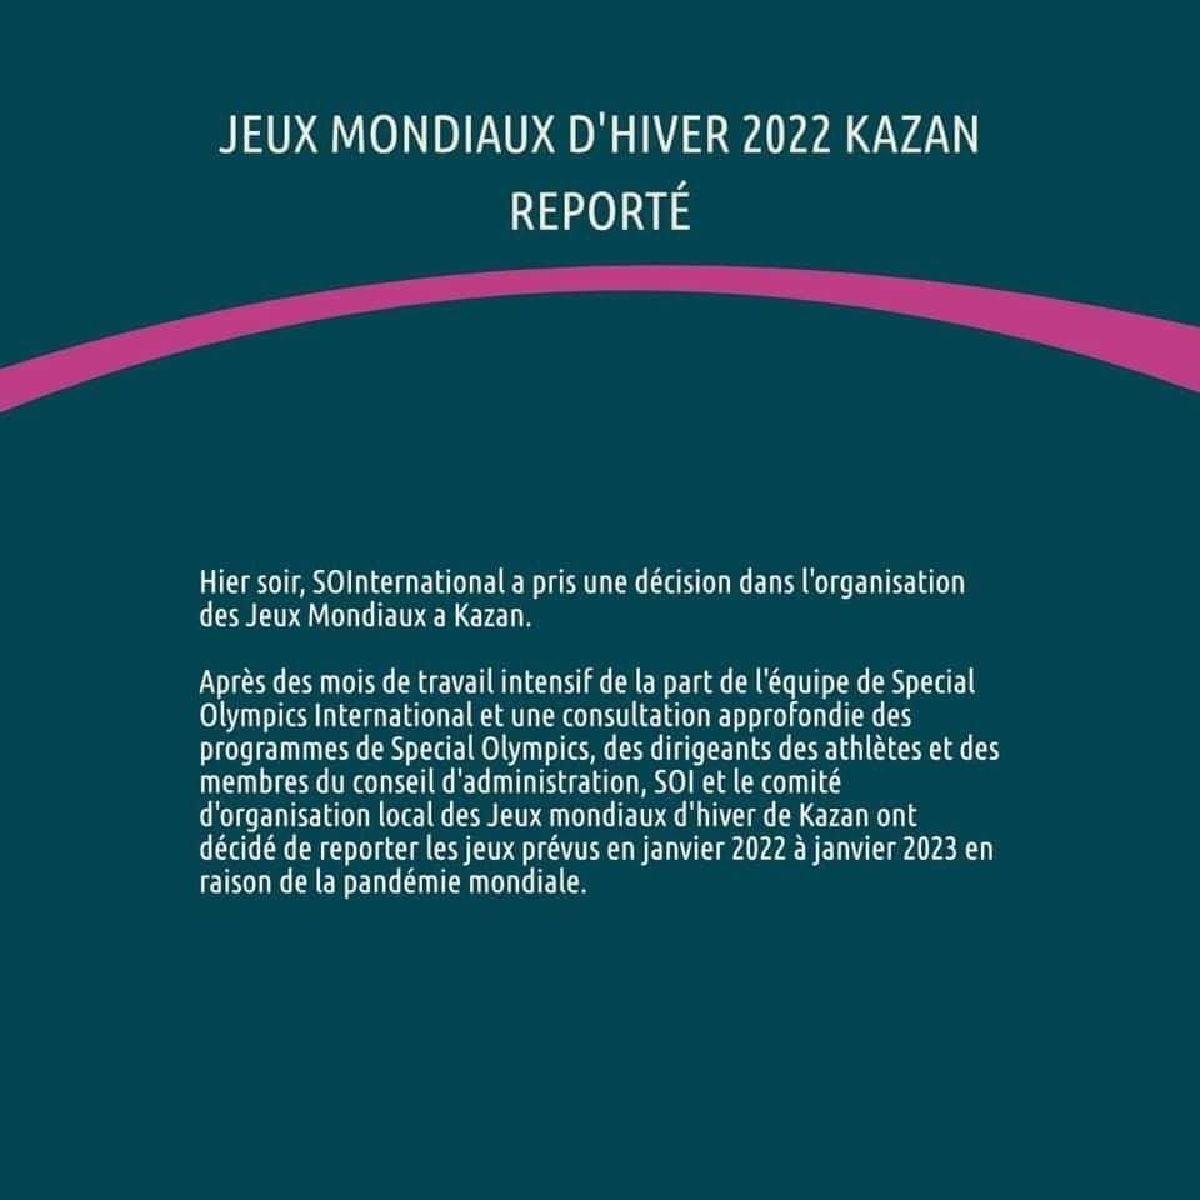 D'WANTERSPILLER KAZAN 2022 GOUFE VERLUECHT